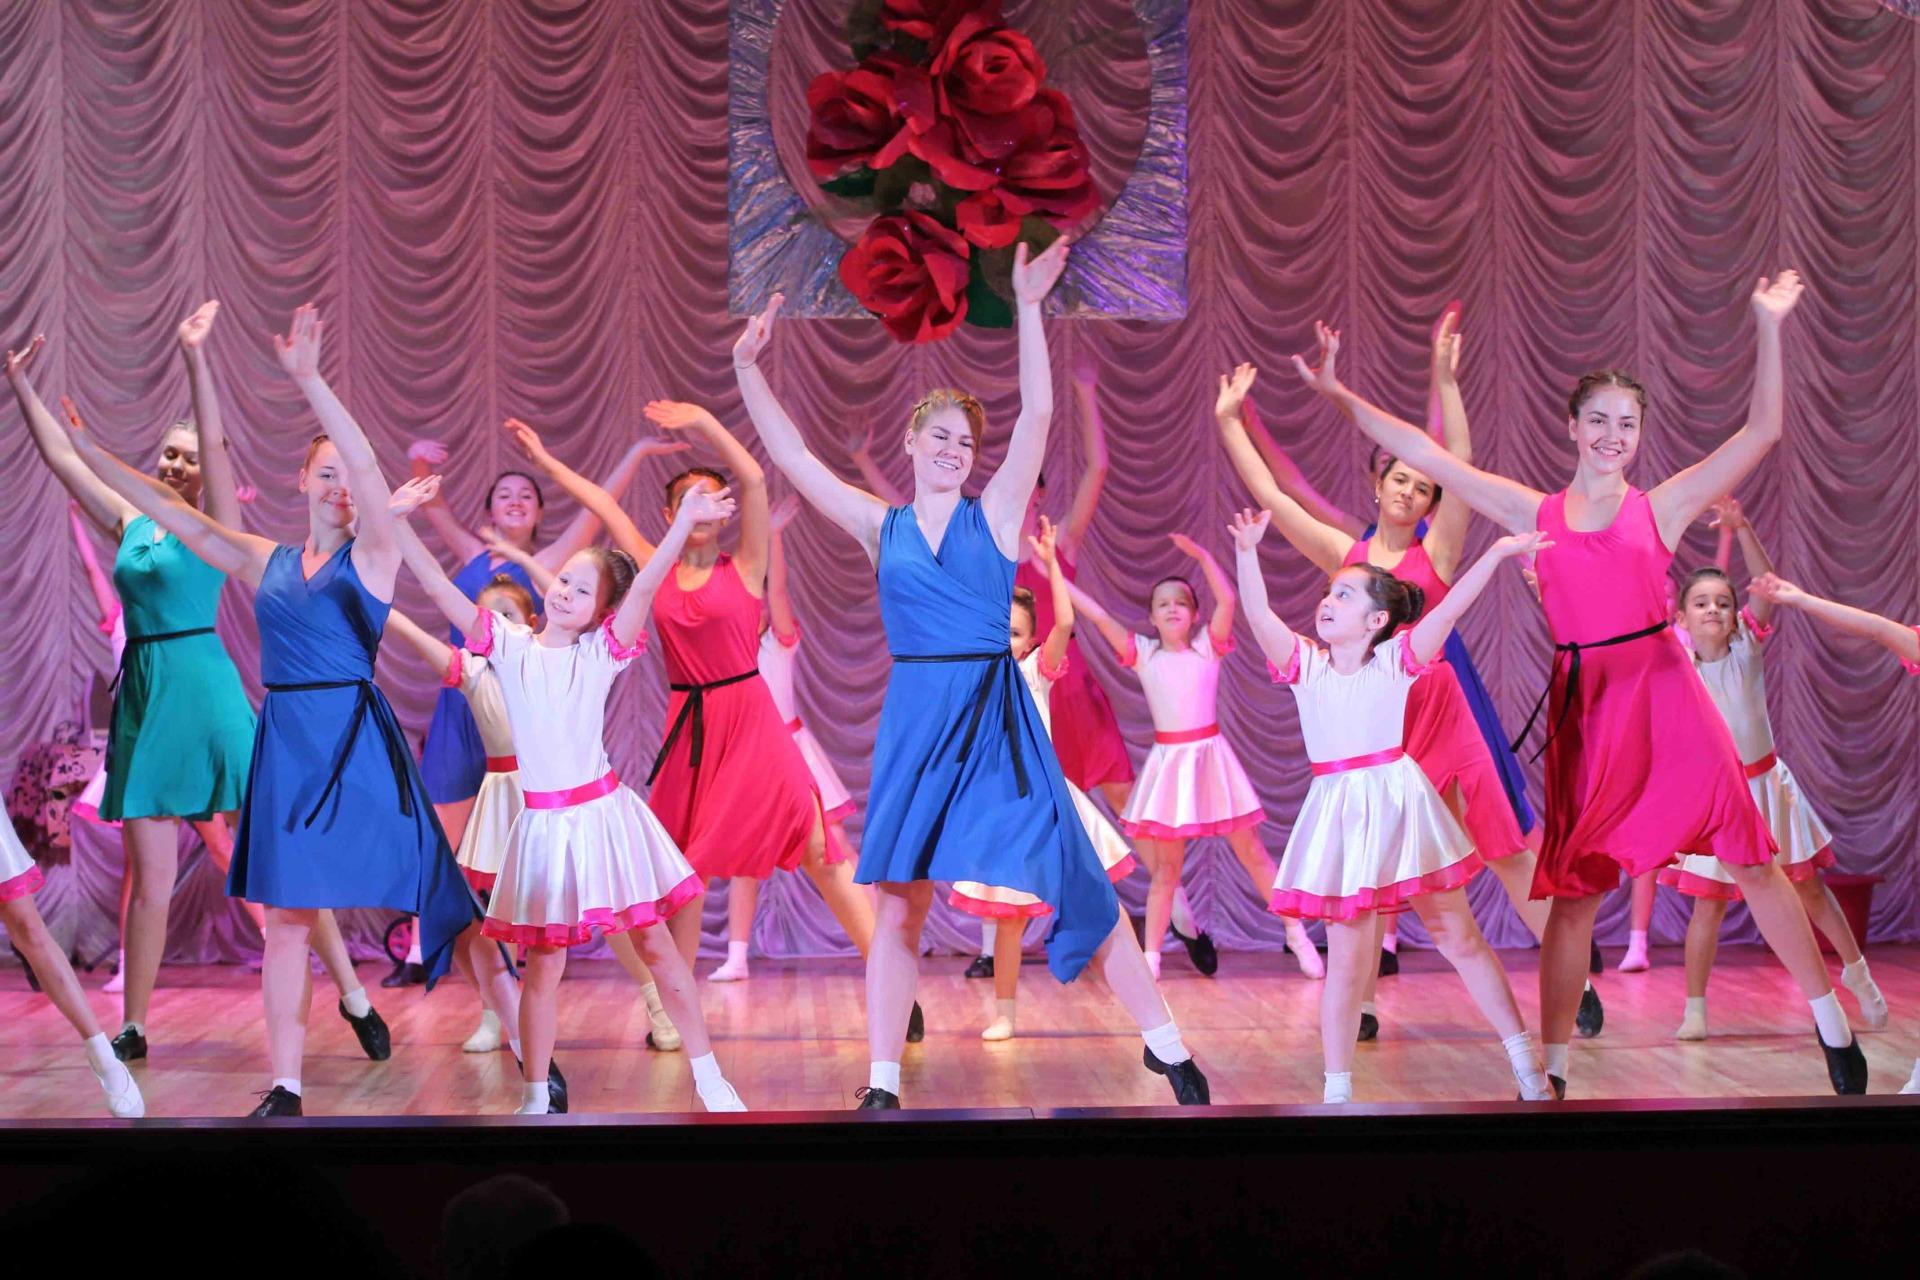 Аничков дворец конкурс бальных танцев